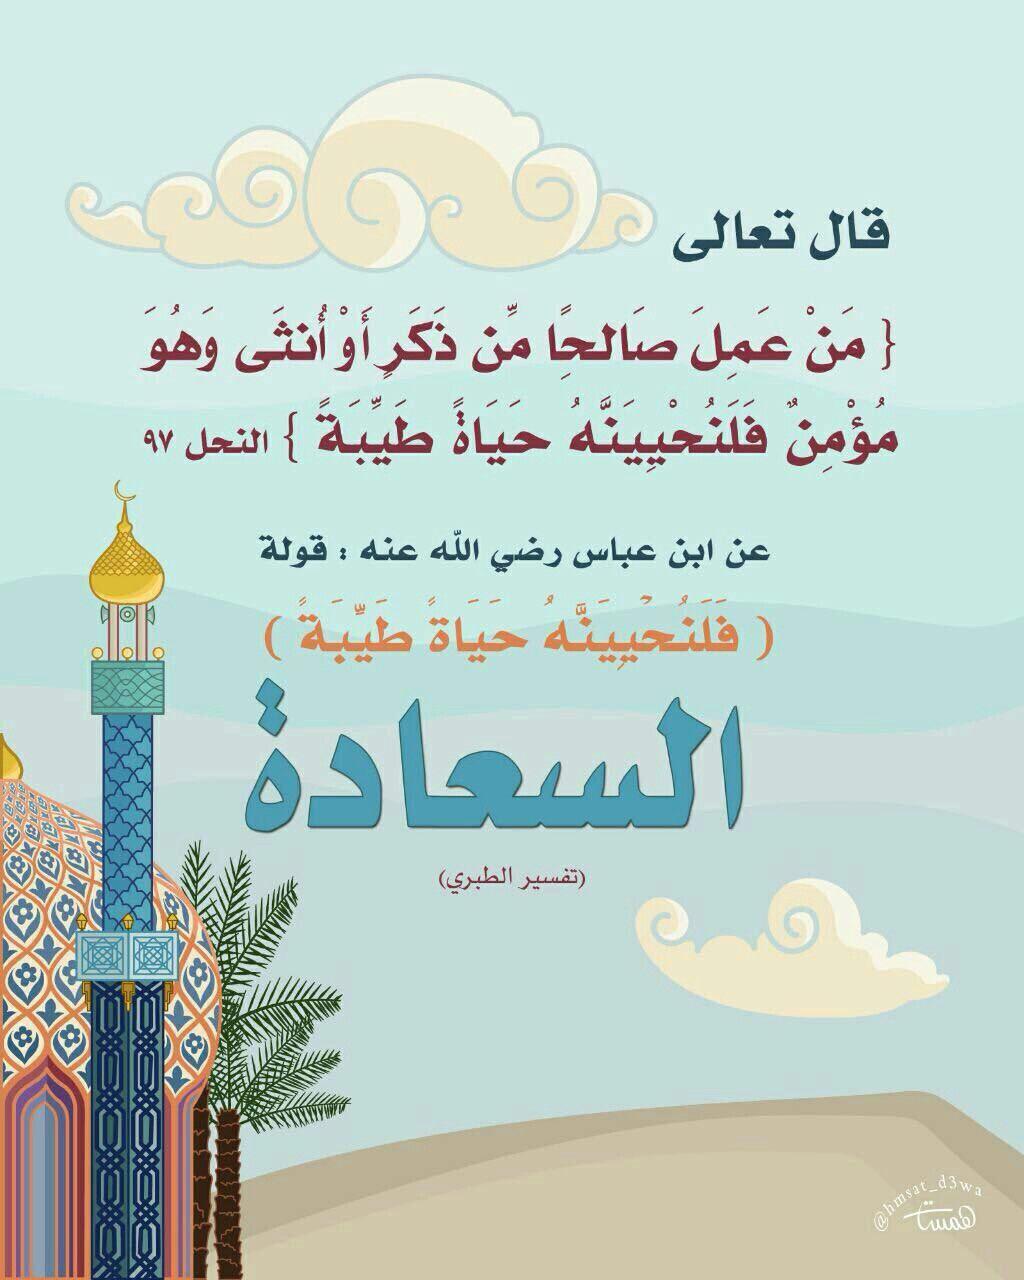 السعادة Holy Quran Quran Islam Beliefs